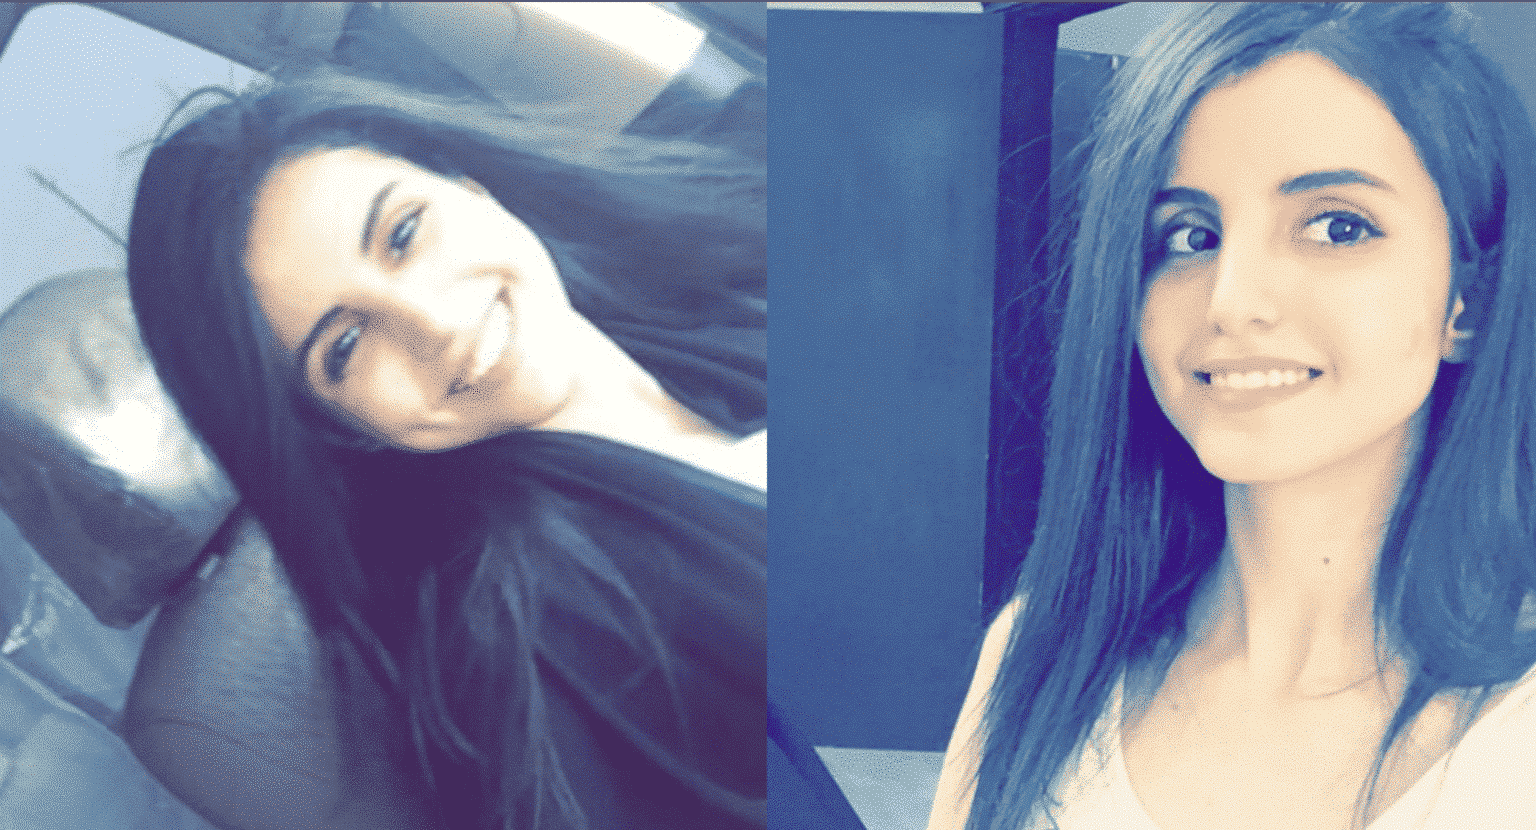 طلاق فوز العتيبي يثير الجدل والمشهورة السعودية تخرج عن صمتها وتكشف الحقيقة